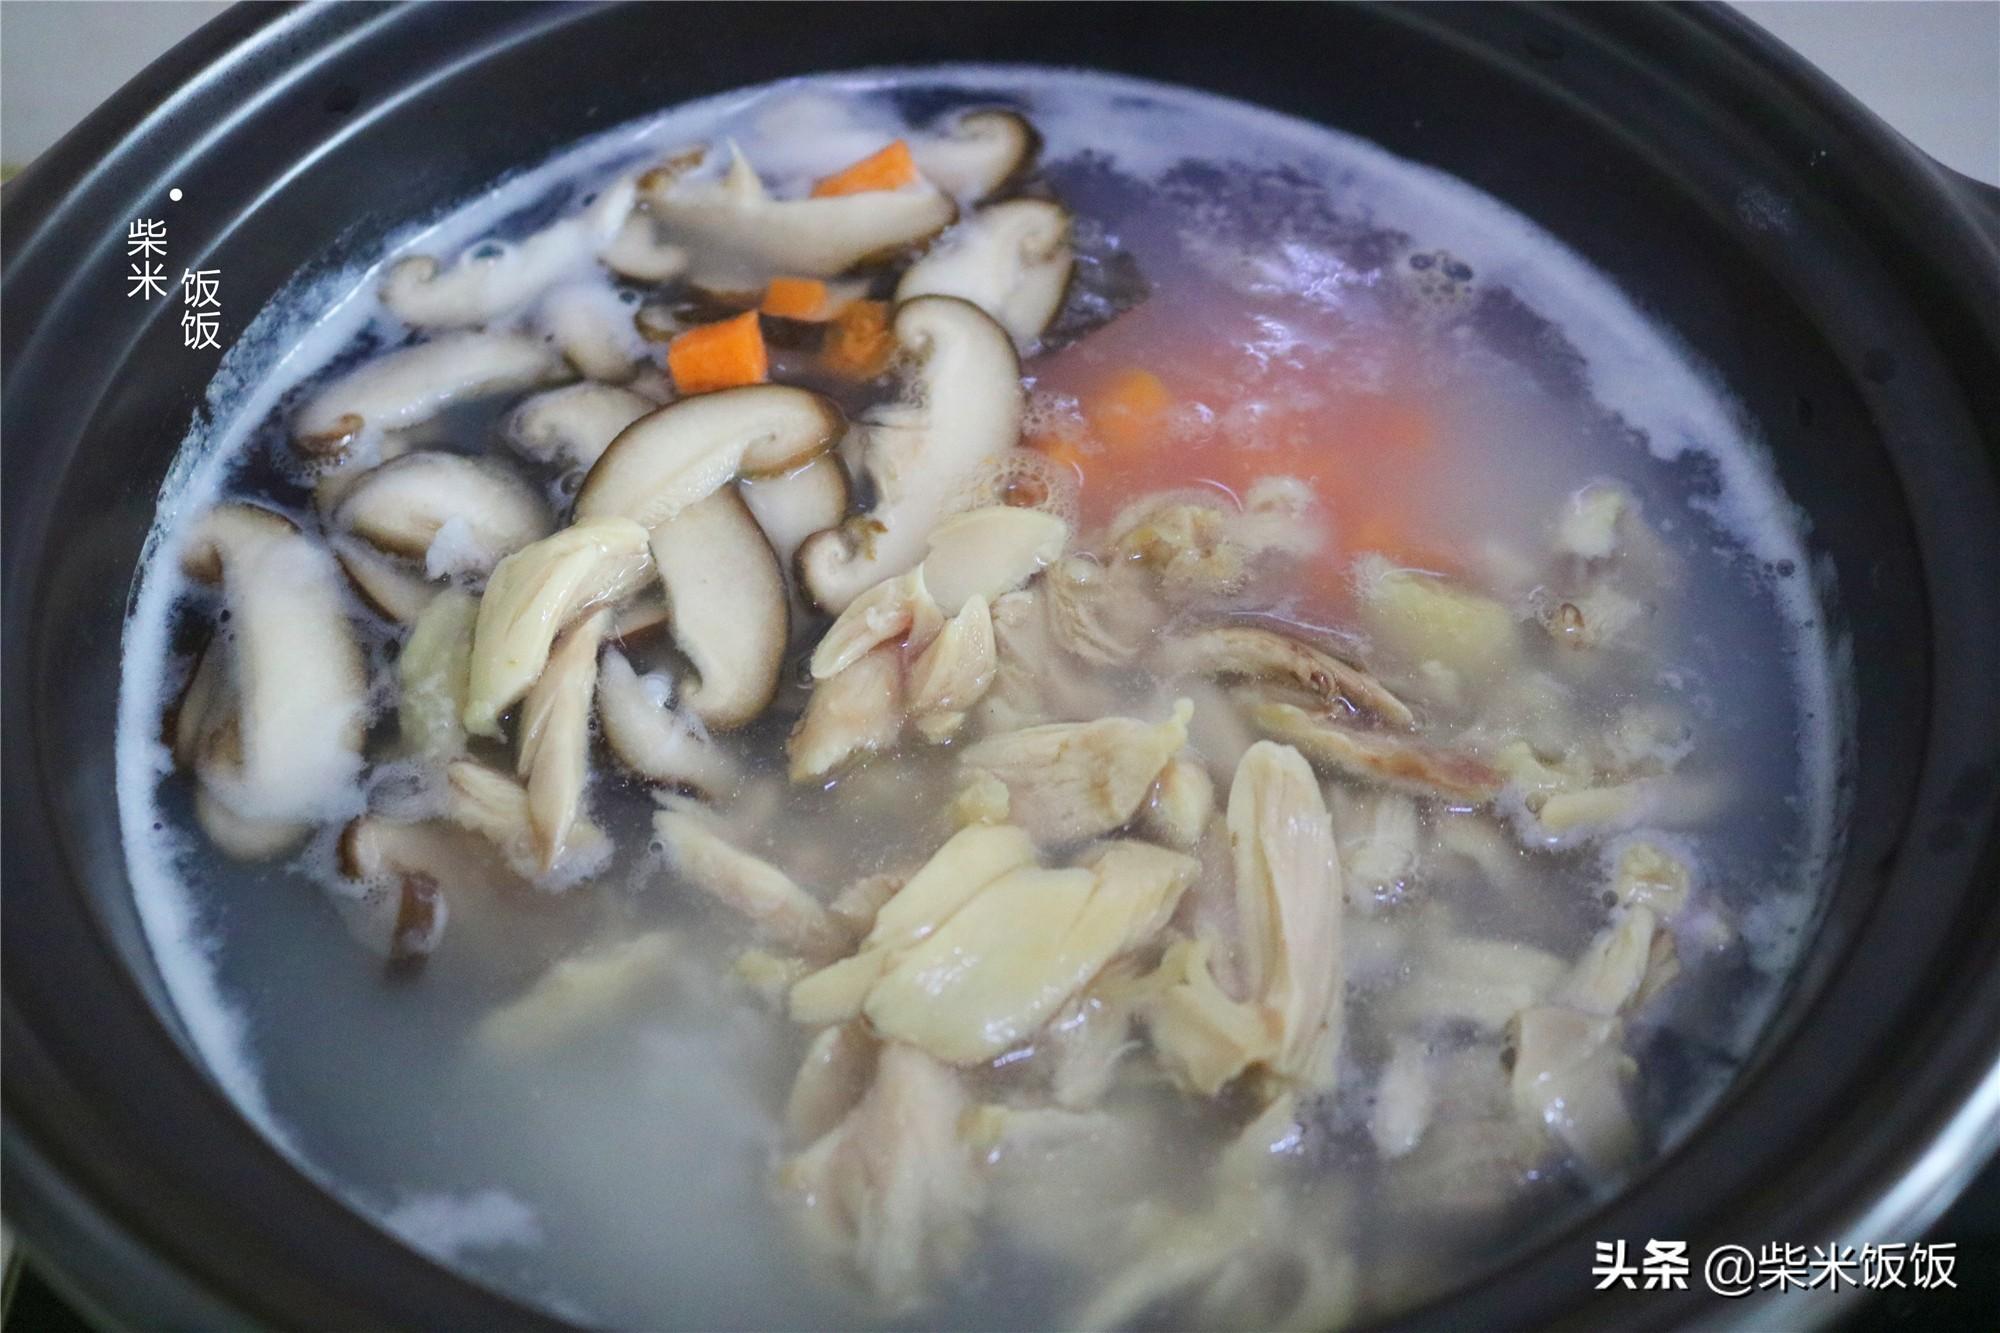 早餐吃它太幸福了,鮮香滋潤,每次煮一鍋,孩子都要吃一大碗